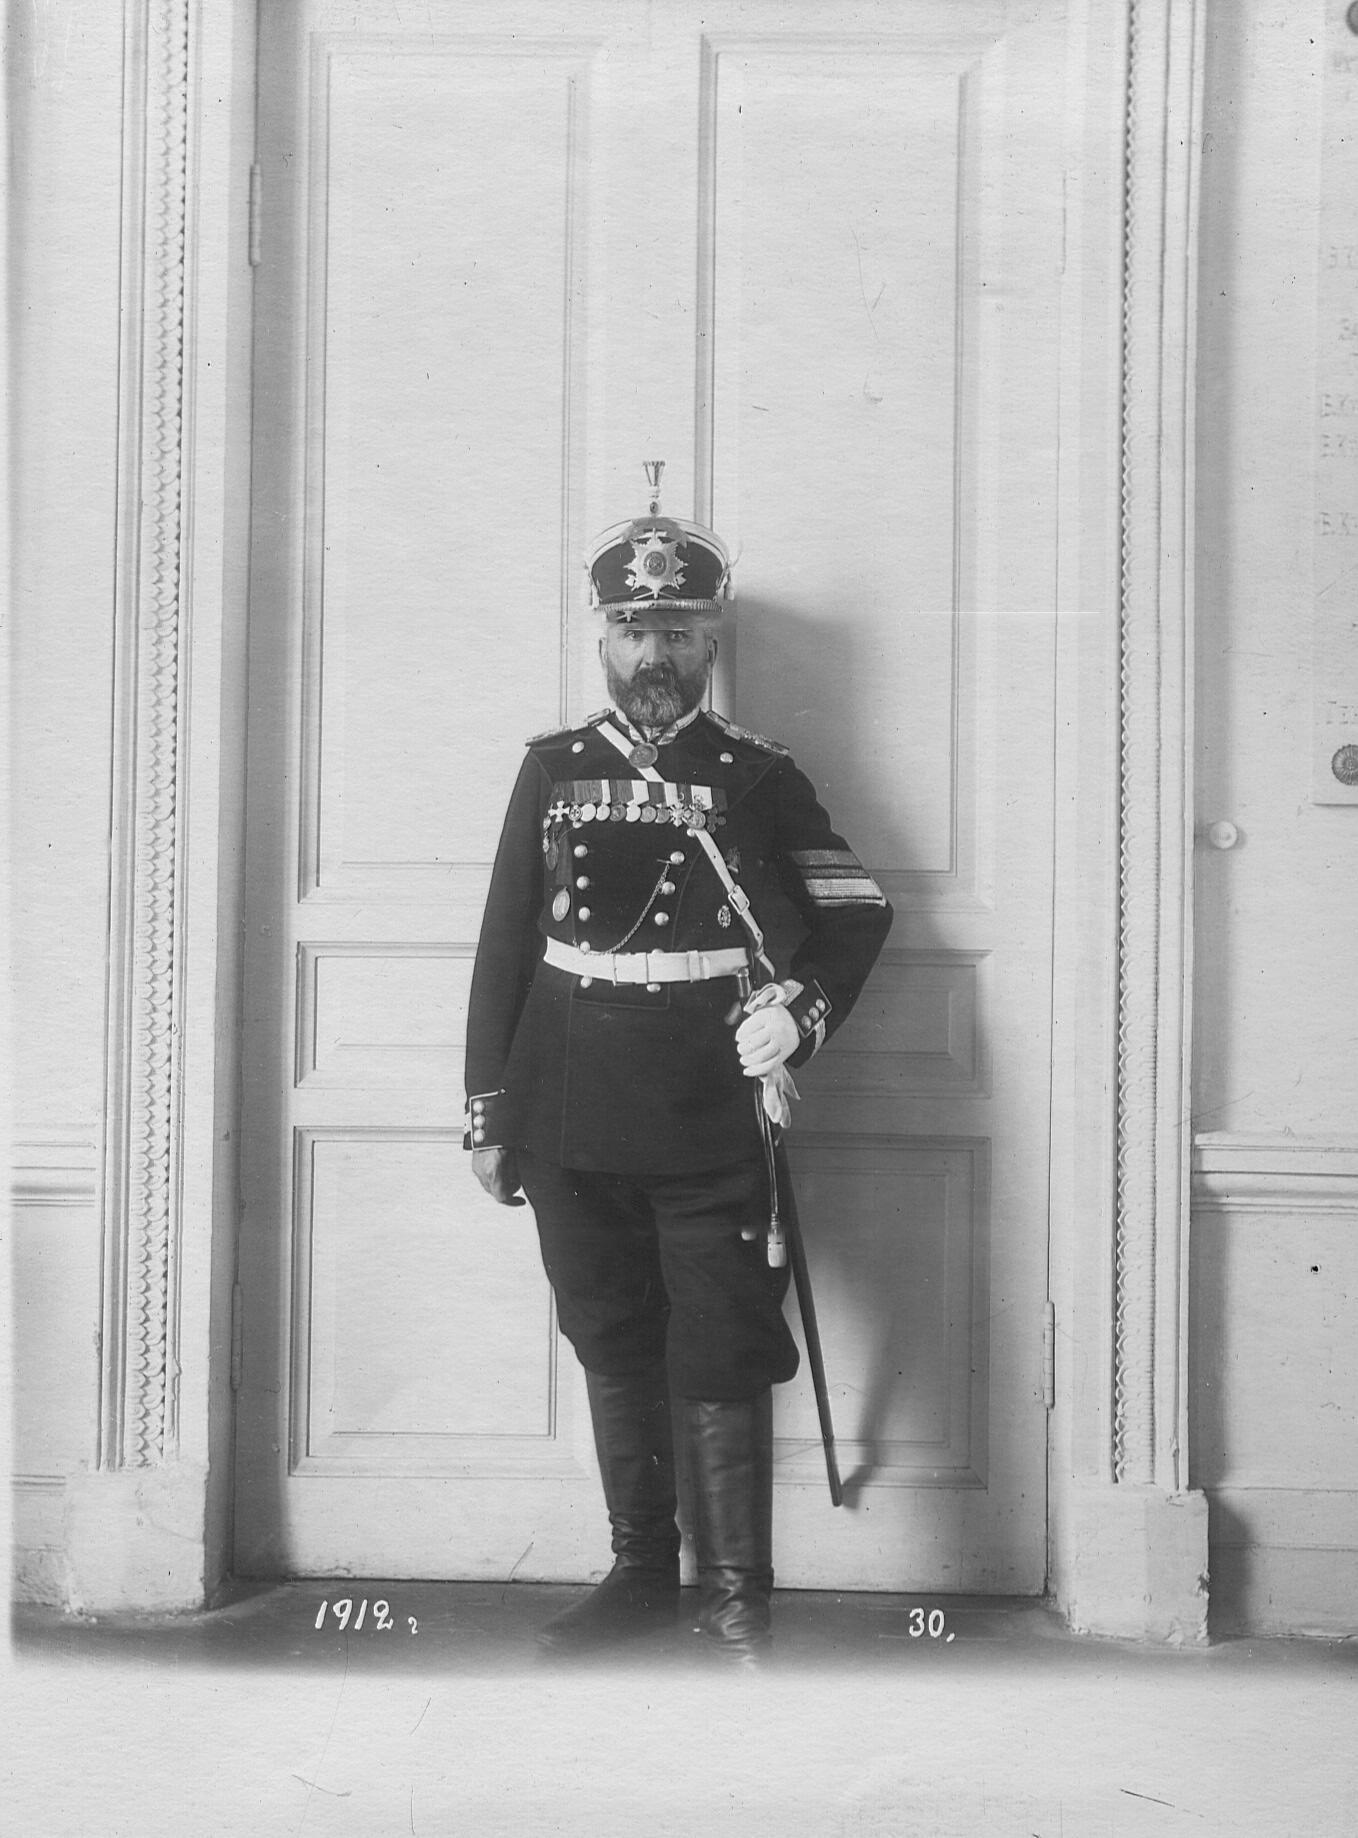 Фельдфебель-подпрапорщик в форме образца 1912 года .